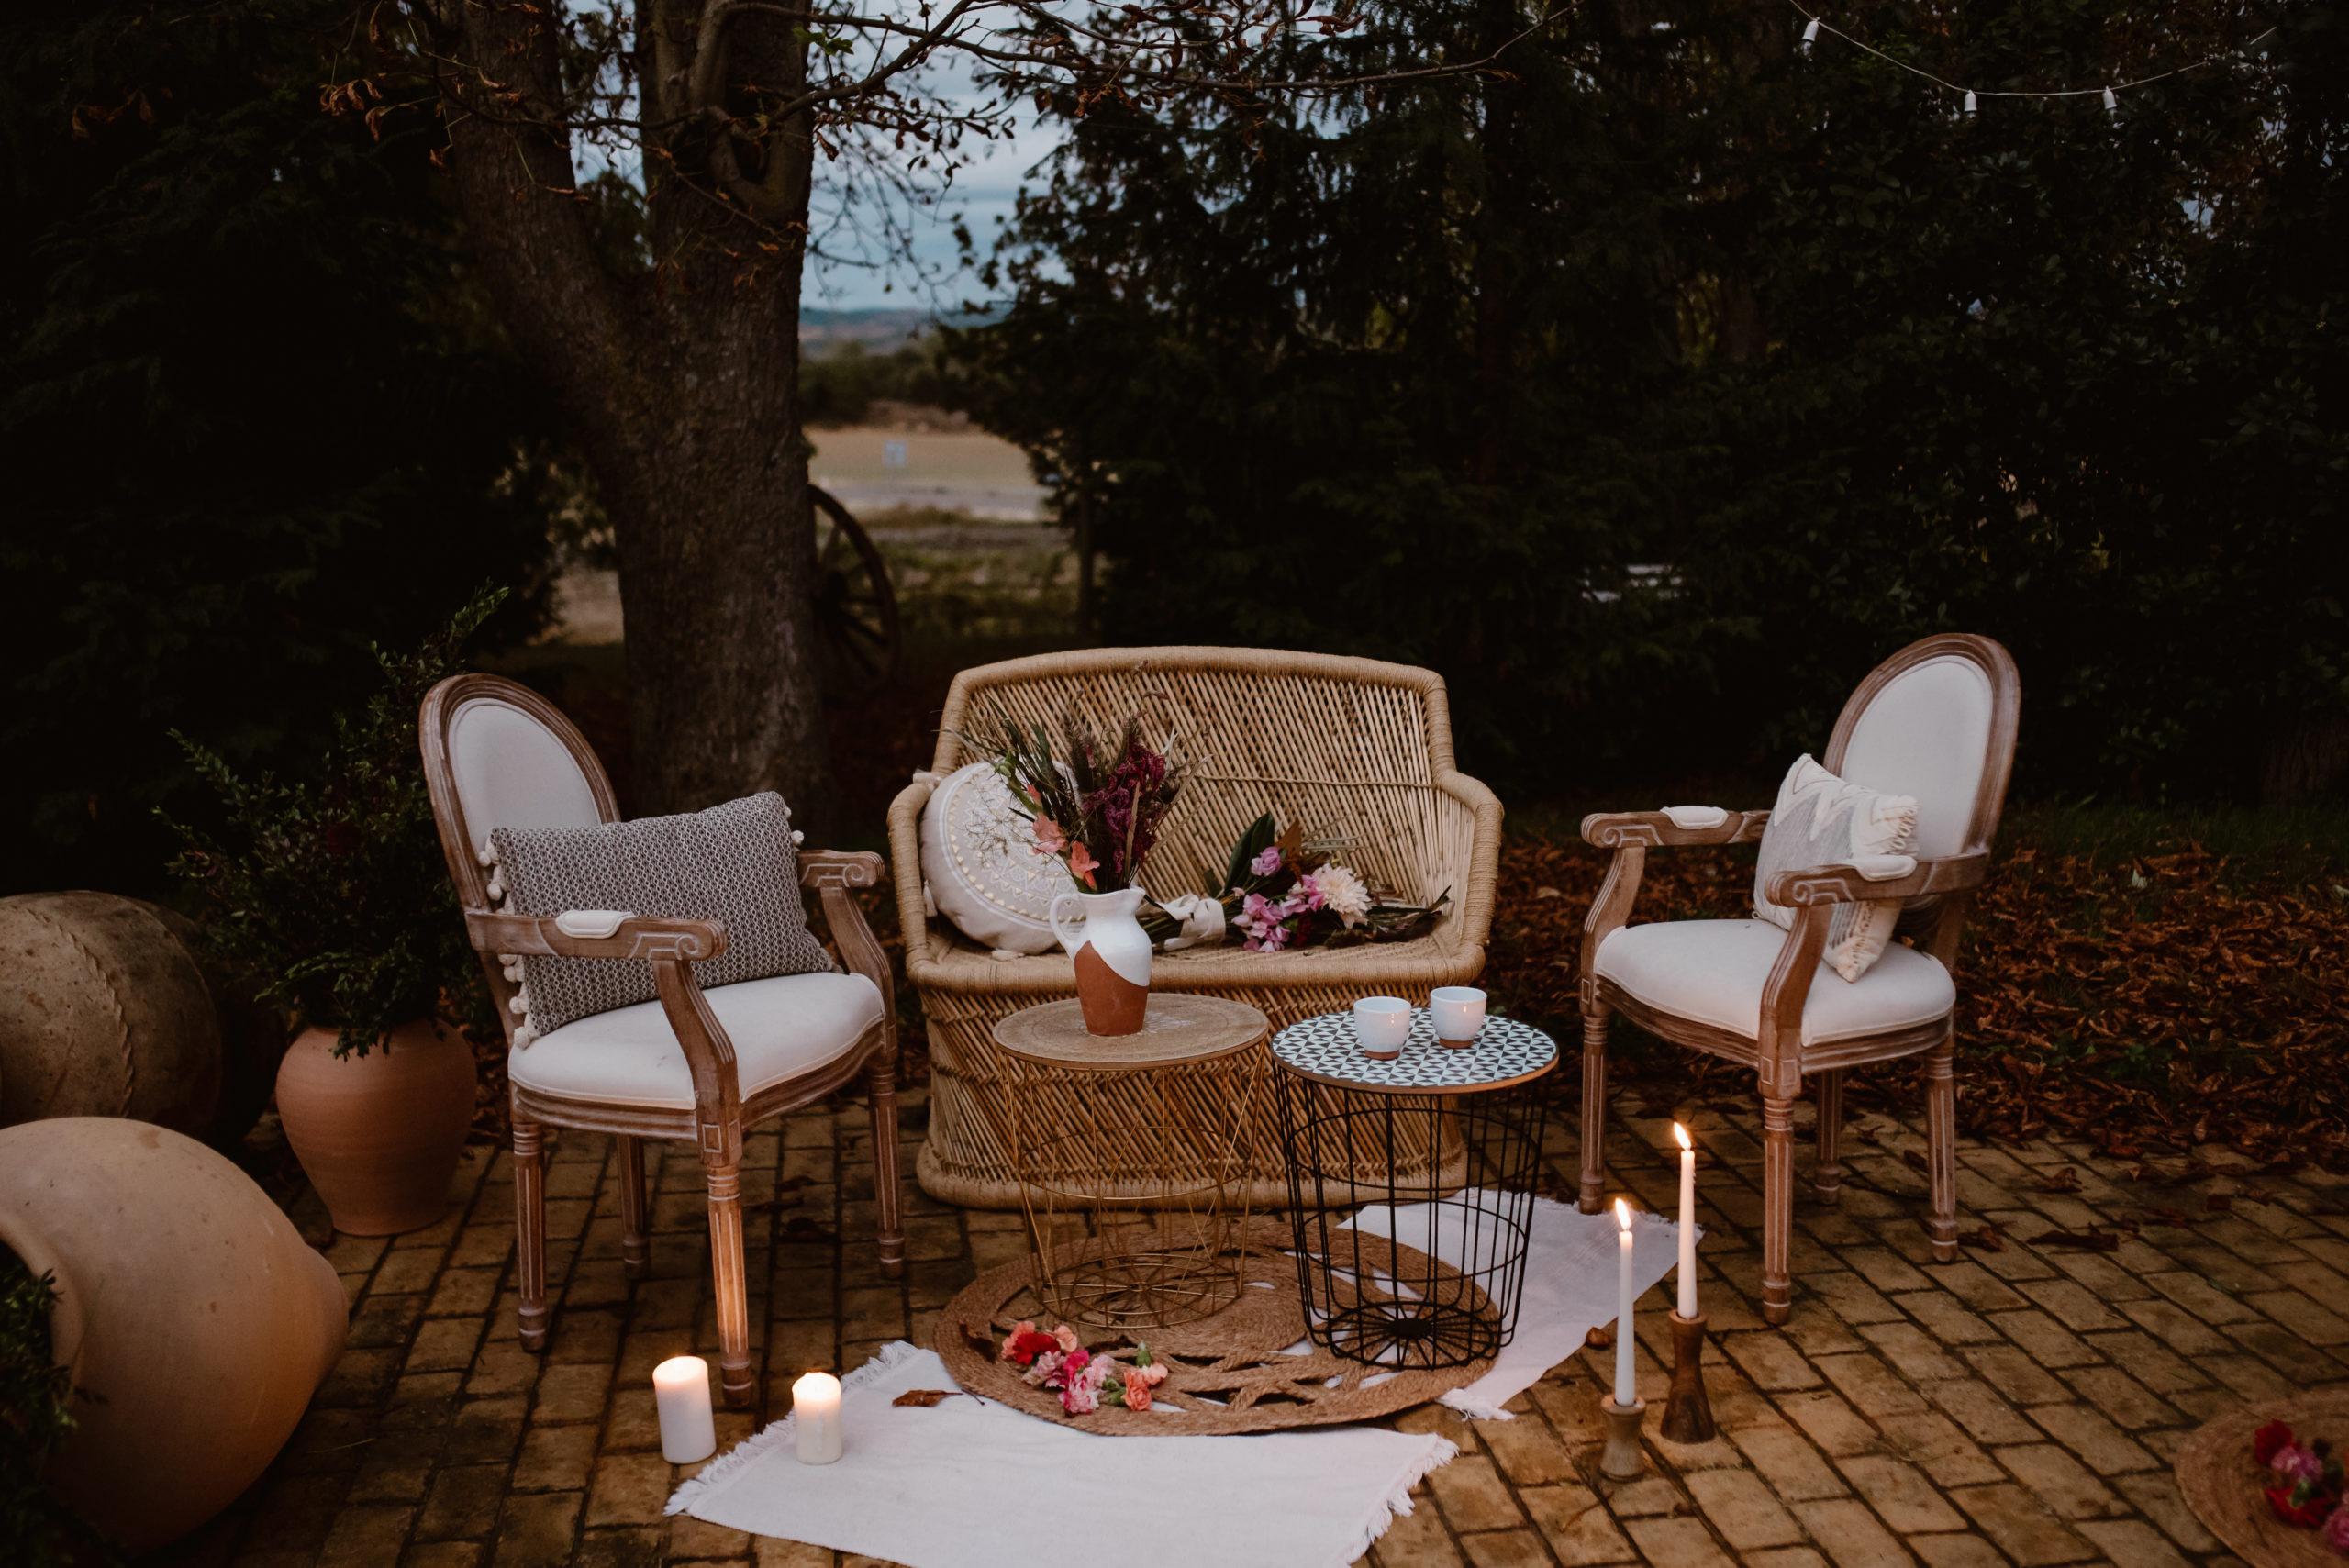 Sillón, sillas, alfombras y mesas auxiliares en alquiler para bodas y eventos